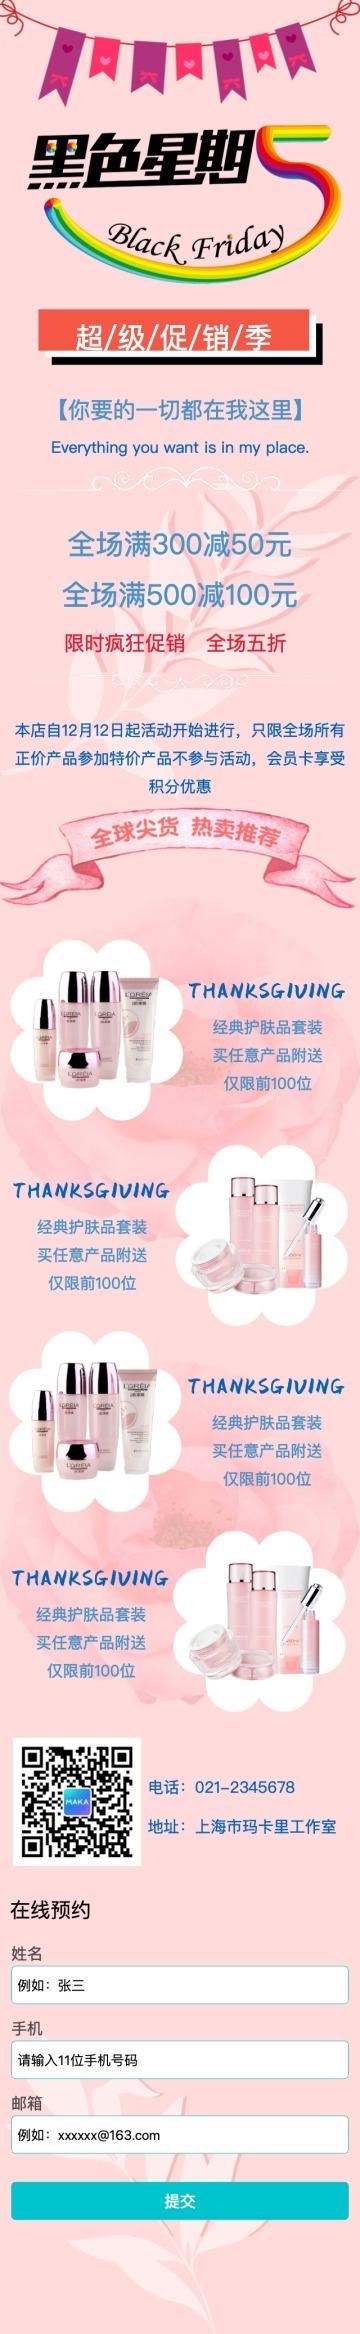 清新文艺黑色星期五促销活动单页宣传推广